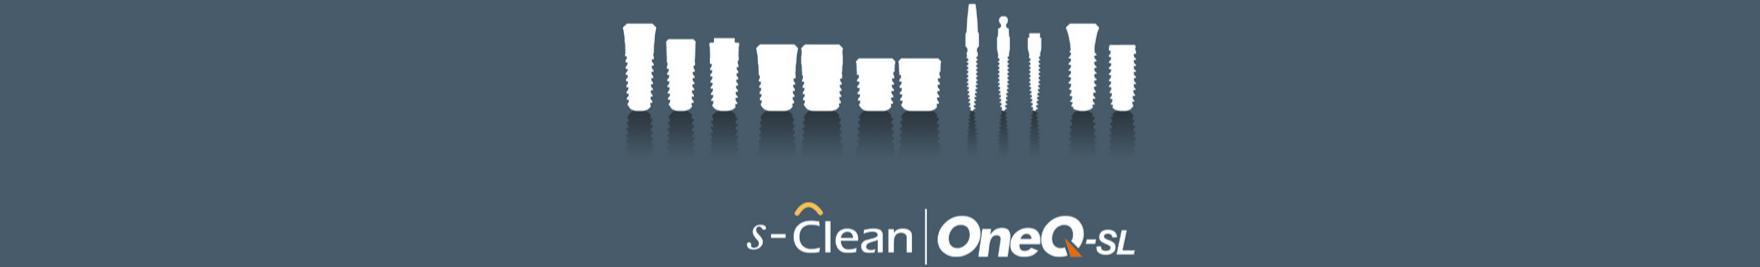 vendita impianti s-clean